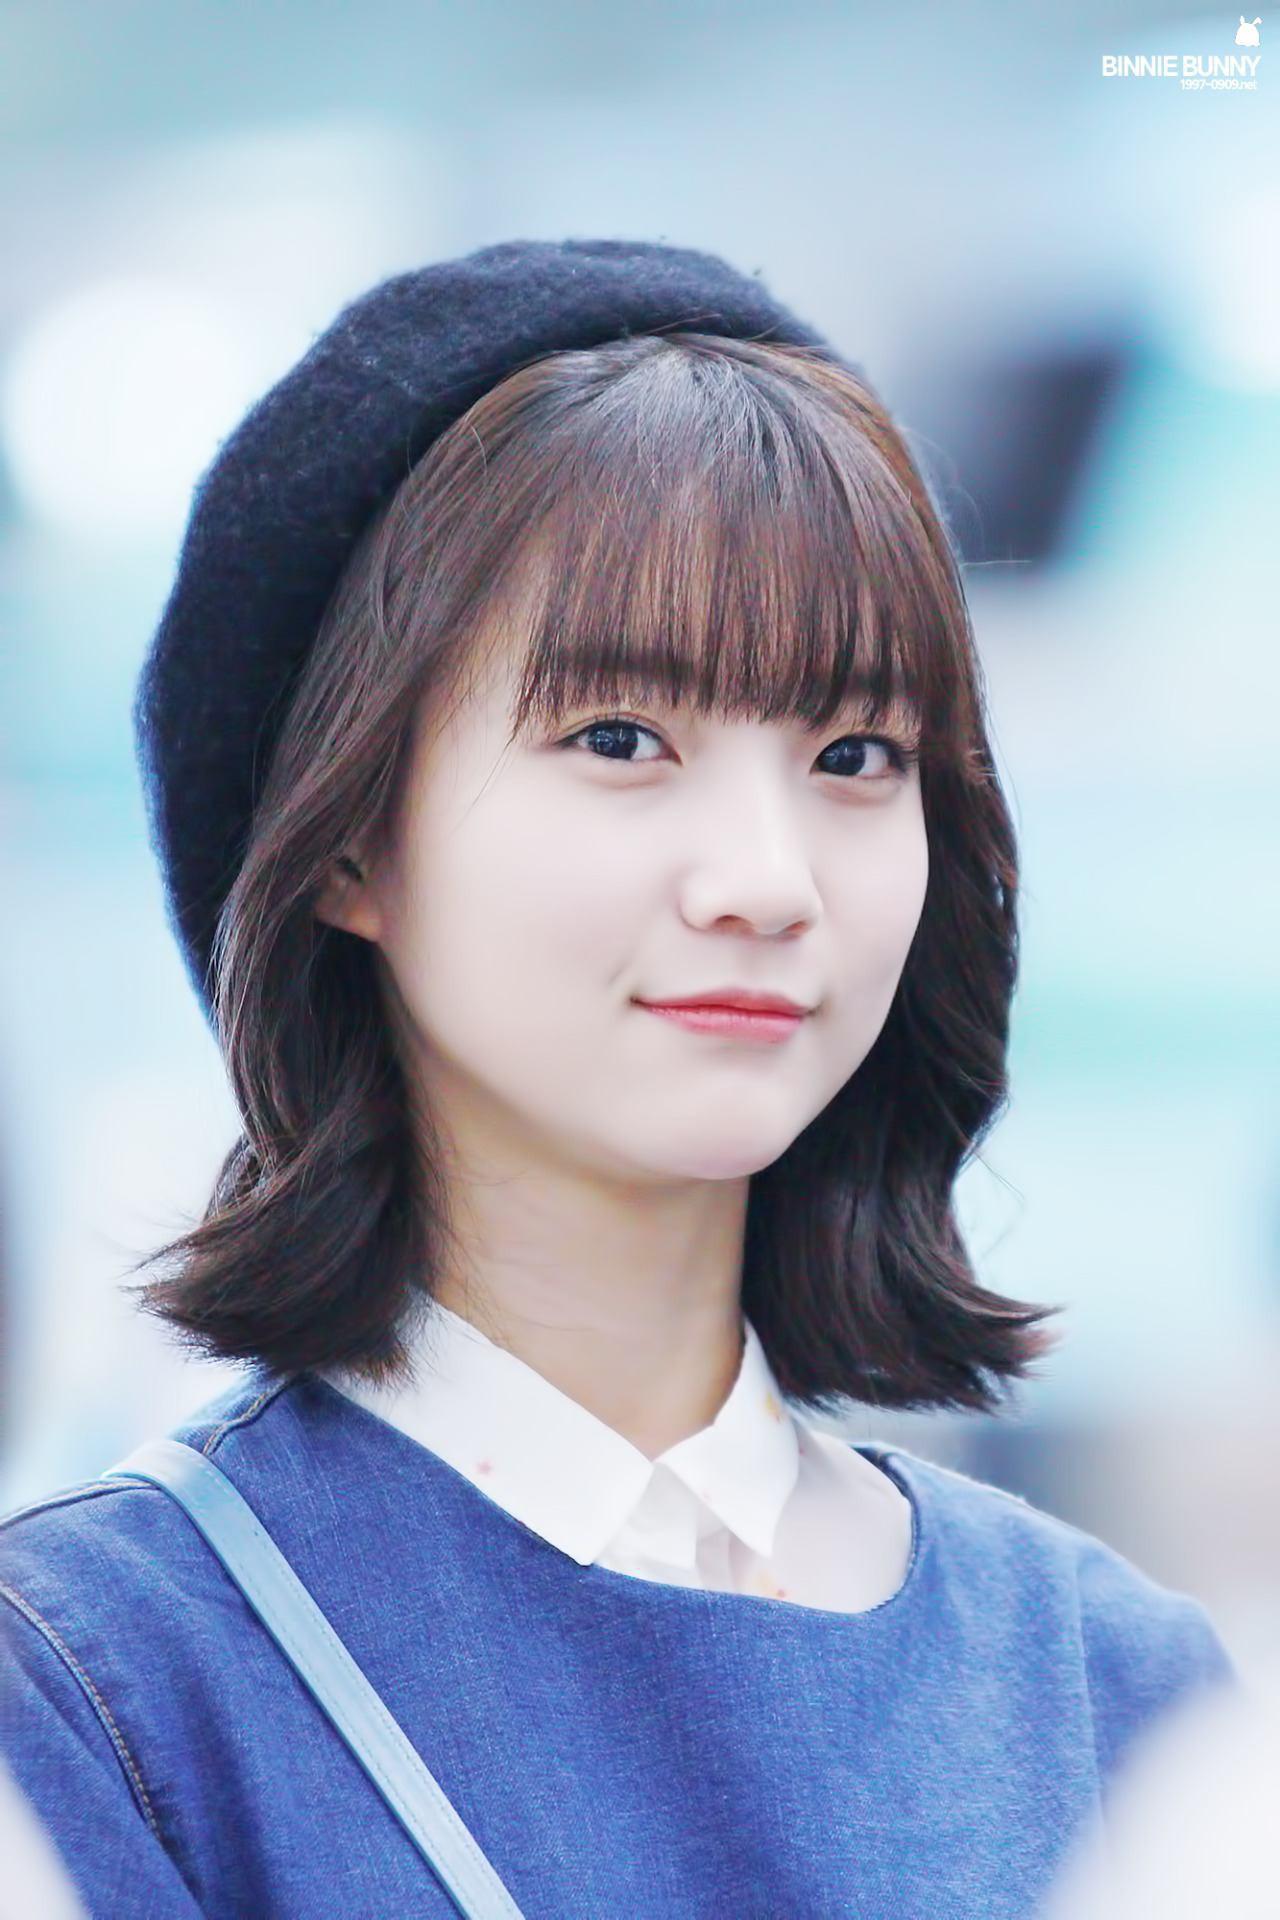 Dispatch phát hiện điểm chung không lạ nhưng ít ai để ý của 2 nữ idol đẳng cấp nữ thần hot nhất xứ Hàn Suzy và Irene - Ảnh 18.